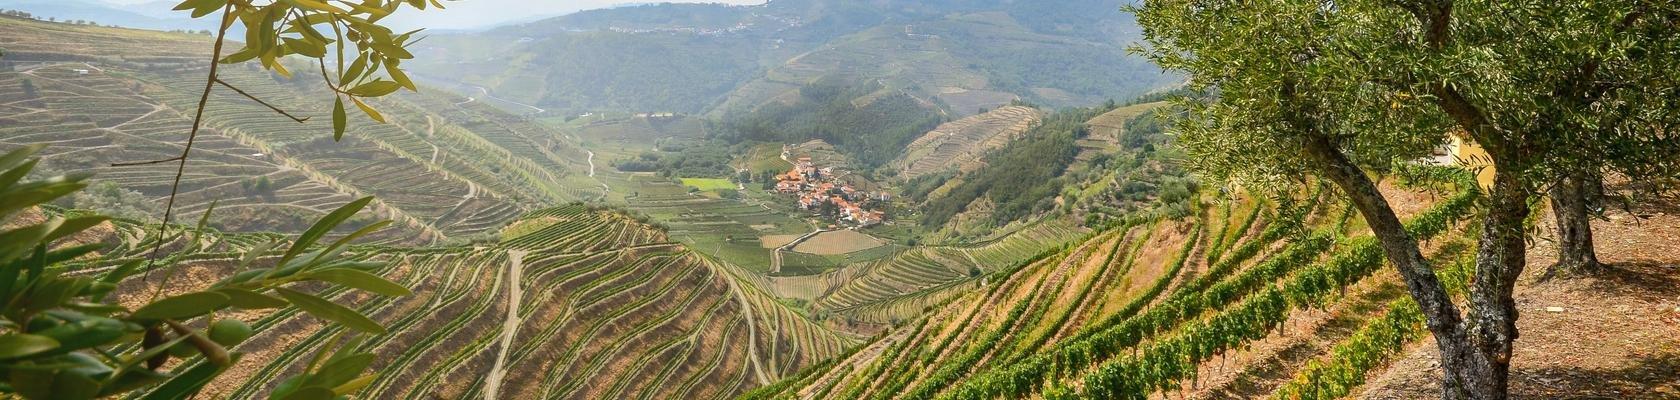 De Douro vallei bij Lamego